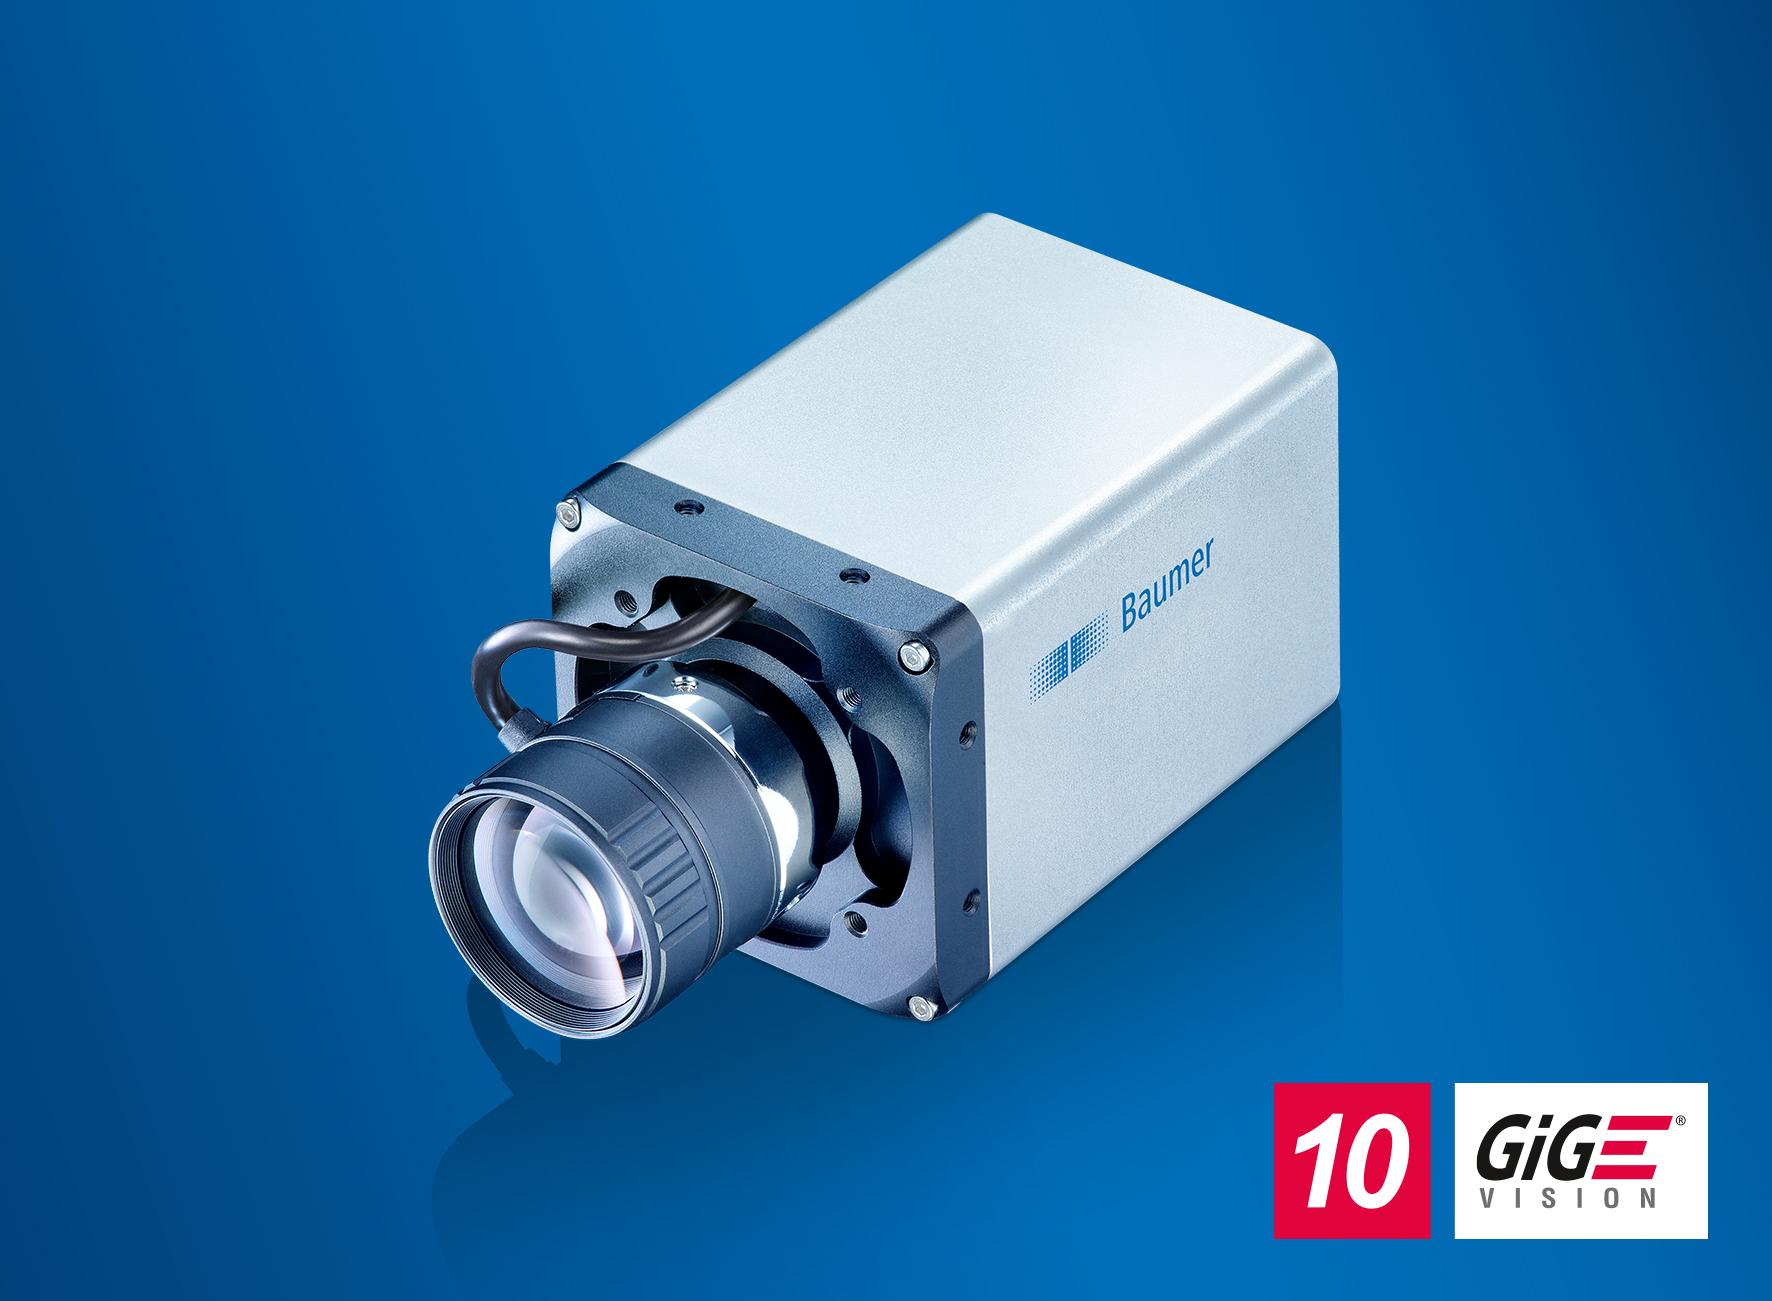 10GigE-Kamera mit Liquid-Lens-Unterstützung